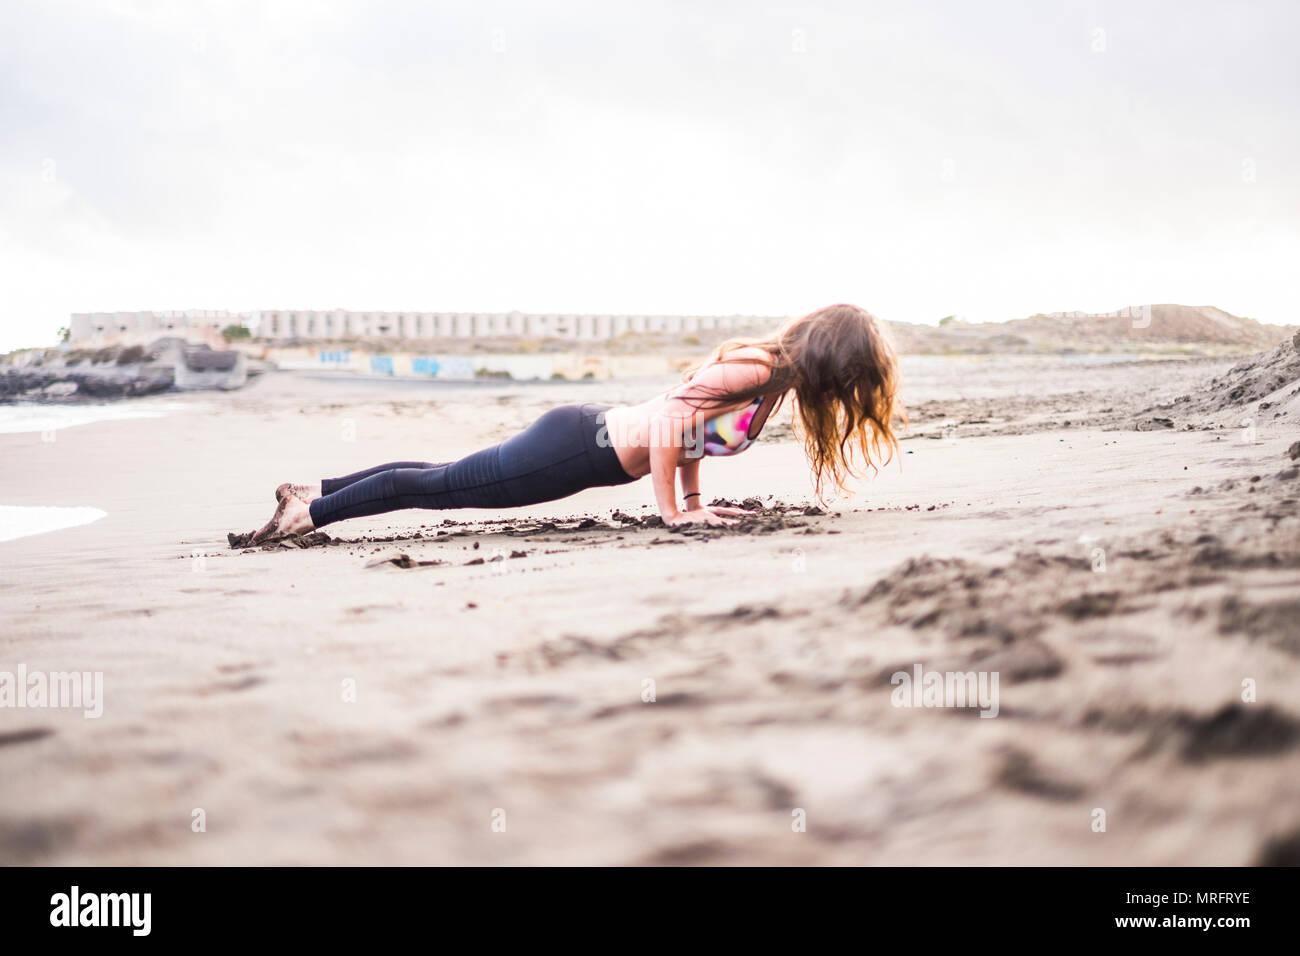 Yoga e Pilates resto forte posizione di resistere e di essere duro. bella giovane signora facendo fitness in spiaggia in outdoor le attività per il tempo libero. sabbia e lonely p Immagini Stock